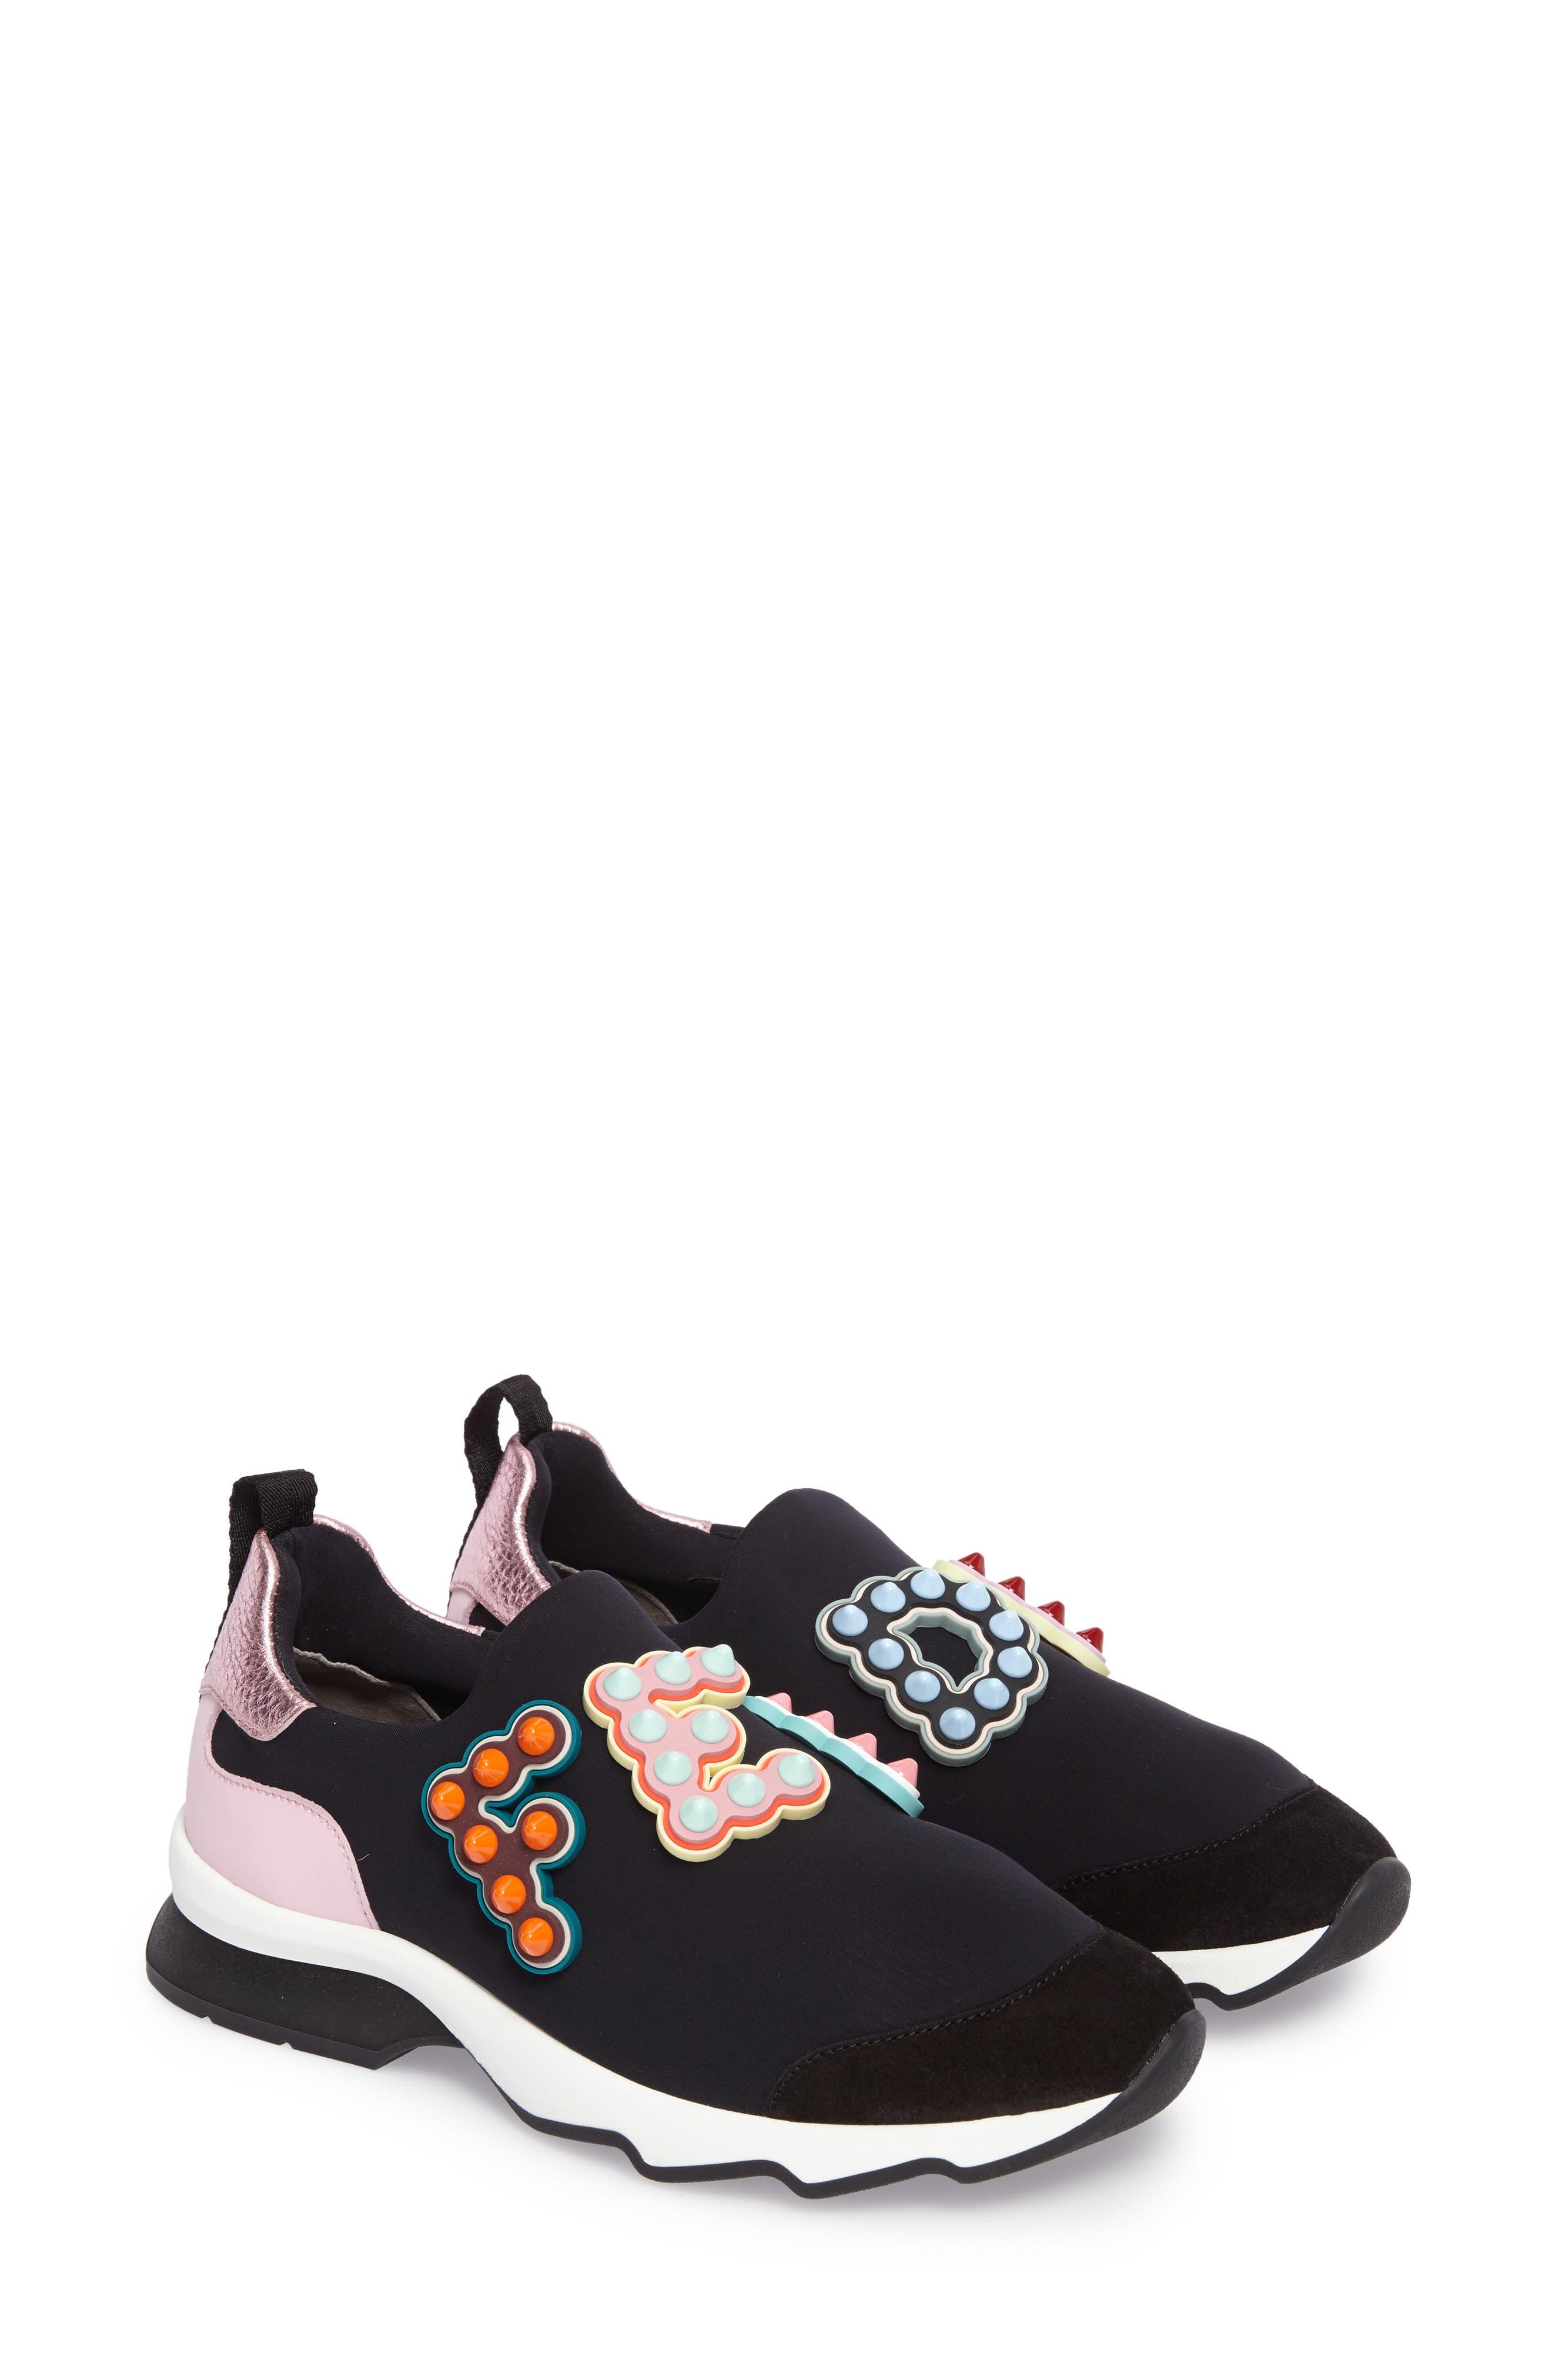 fendi slip on logo sneakers